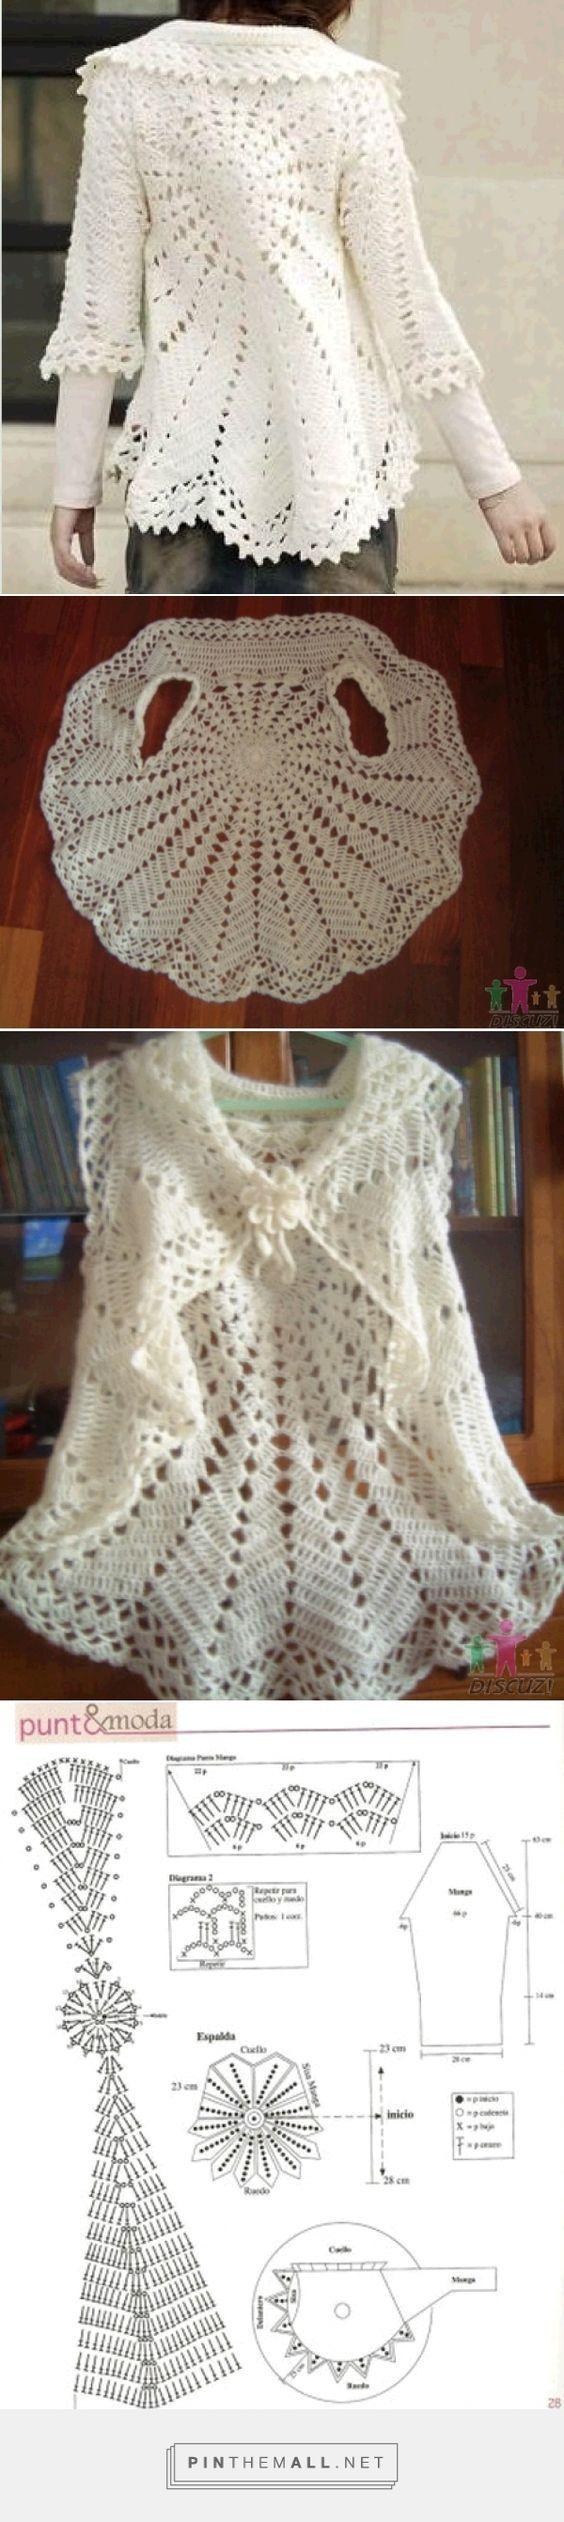 87 best crochet knitting designs images on Pinterest | Knitting ...